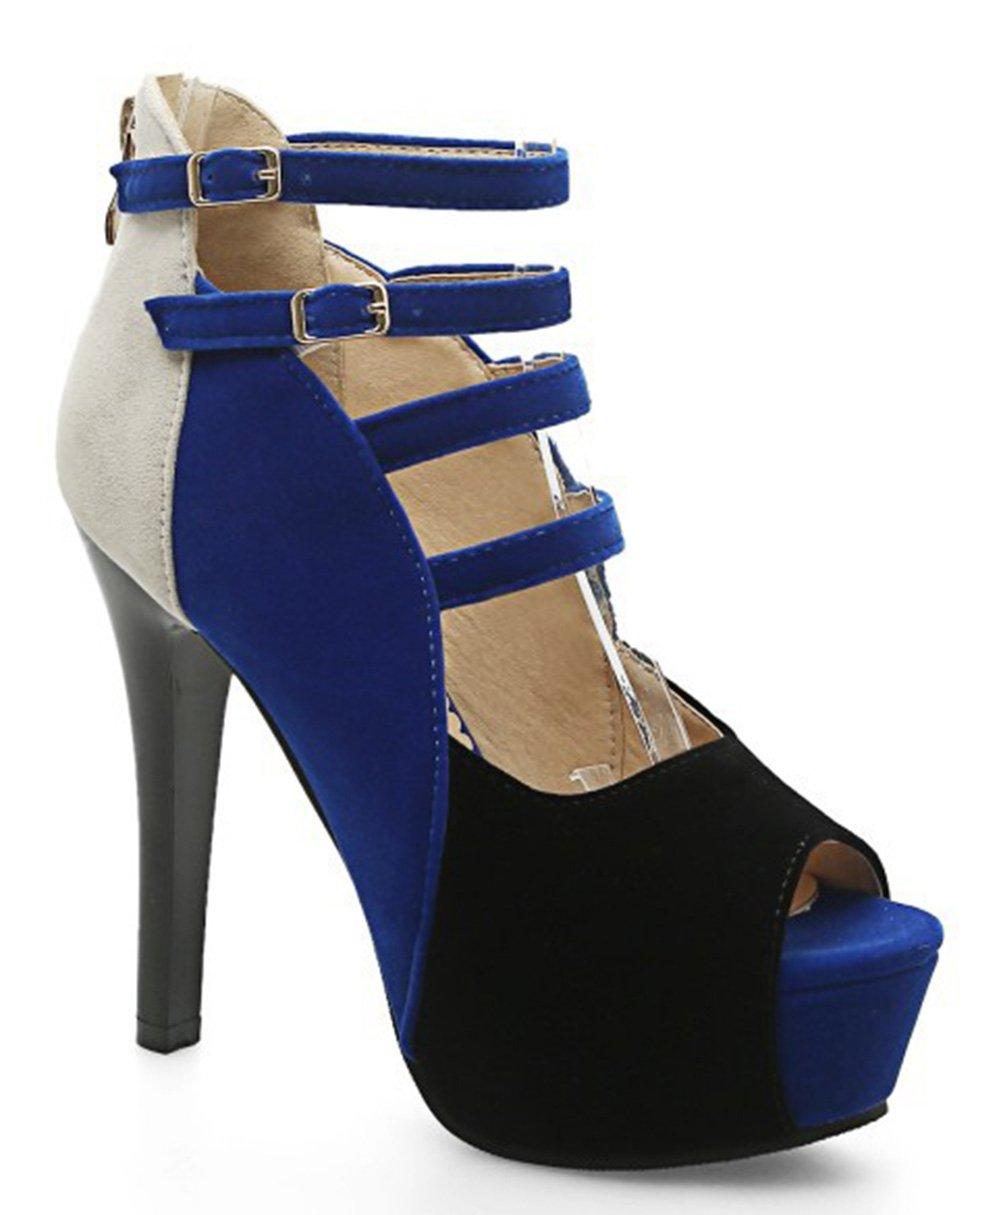 Easemax Damen Sexy Peep-Toe High Heels Plateau Cut Out Stiletto Reißverschluss Sandalen Blau 35 EU JoMzG